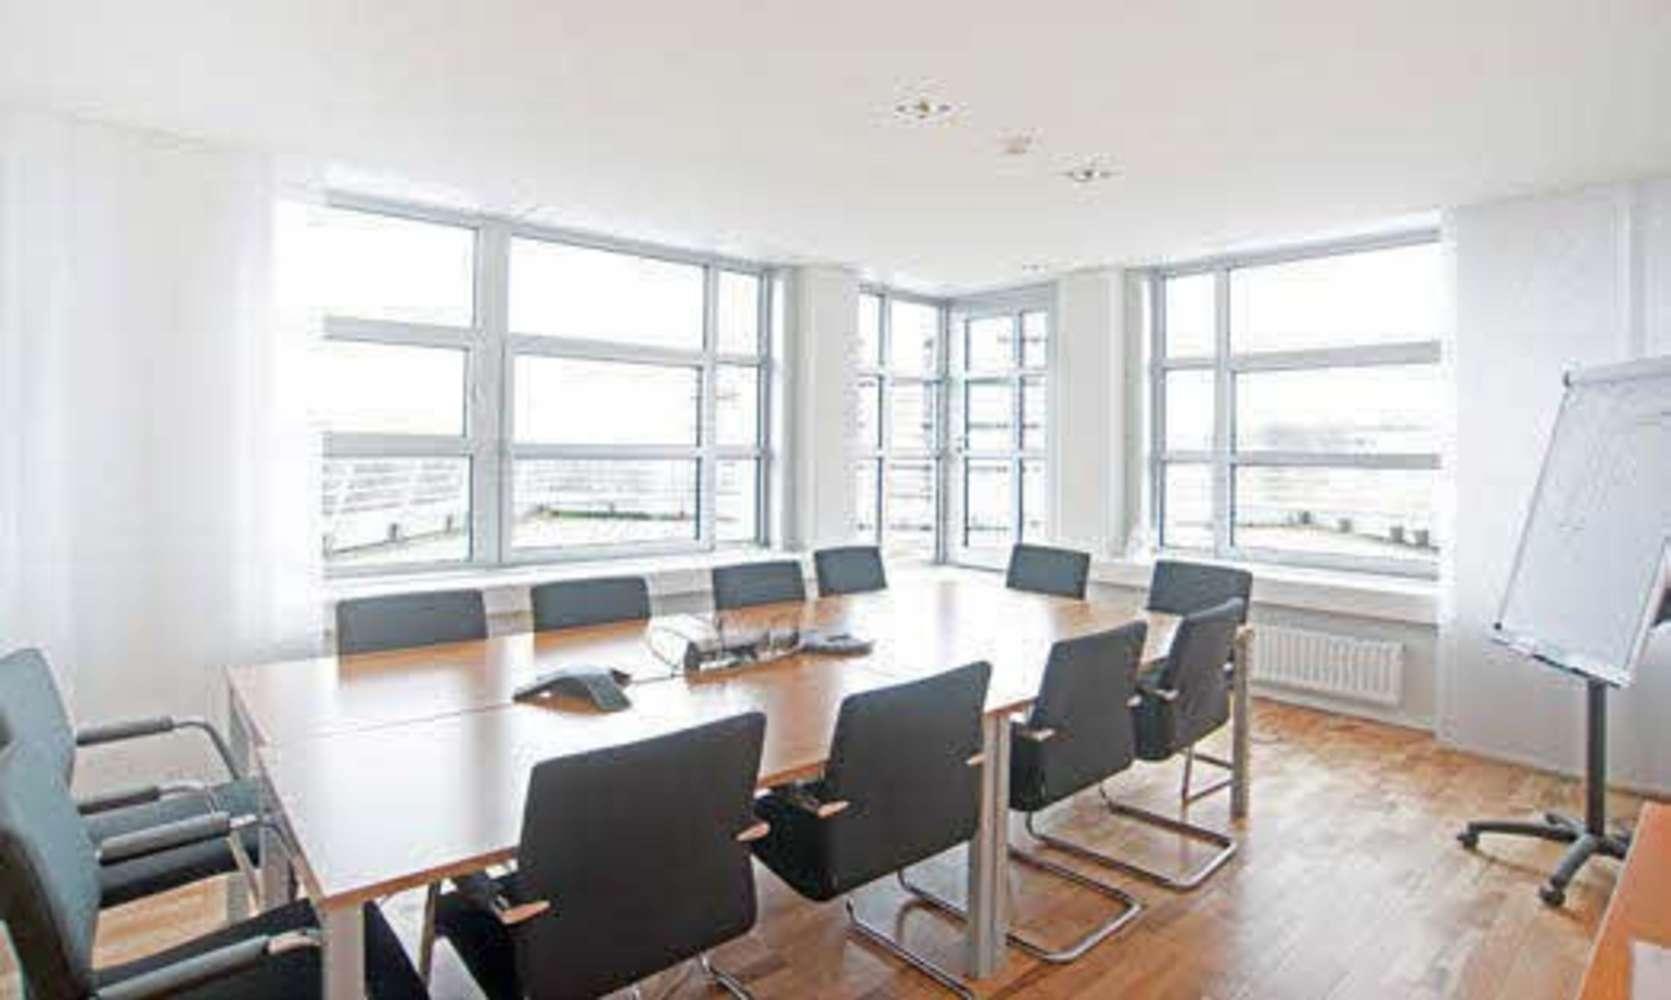 Büros Hamburg, 22297 - Büro - Hamburg, Winterhude - H0981 - 10024243